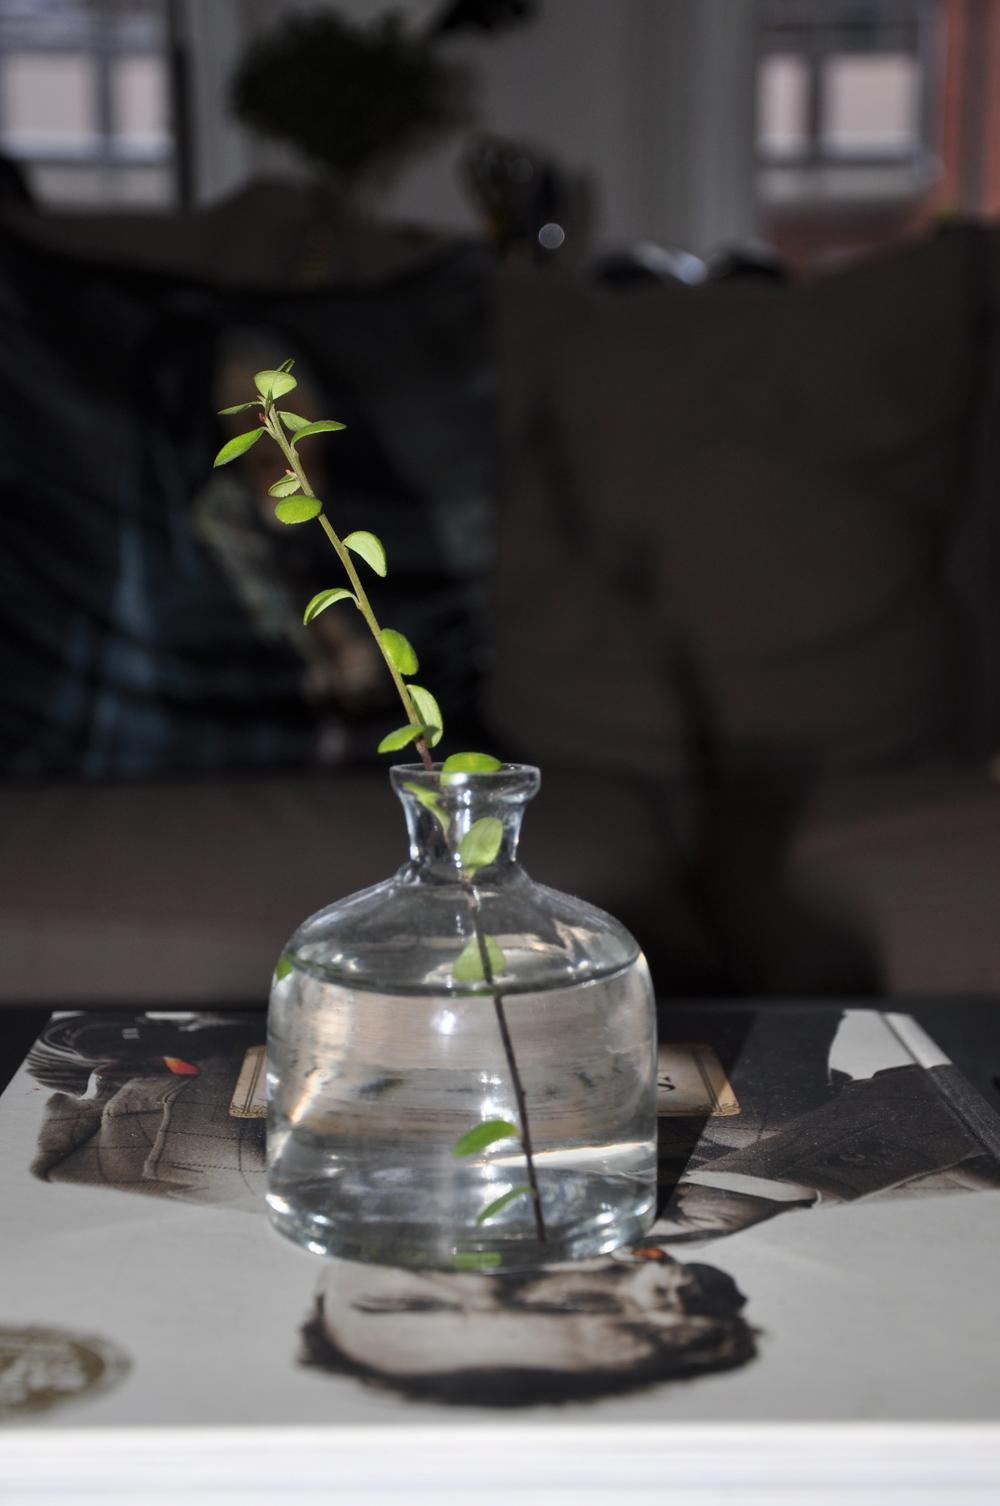 En liten grön kvist i en genomskinlig vas med vatten är vacker och ack så enkelt att ordna   Foto:  Palatsliv